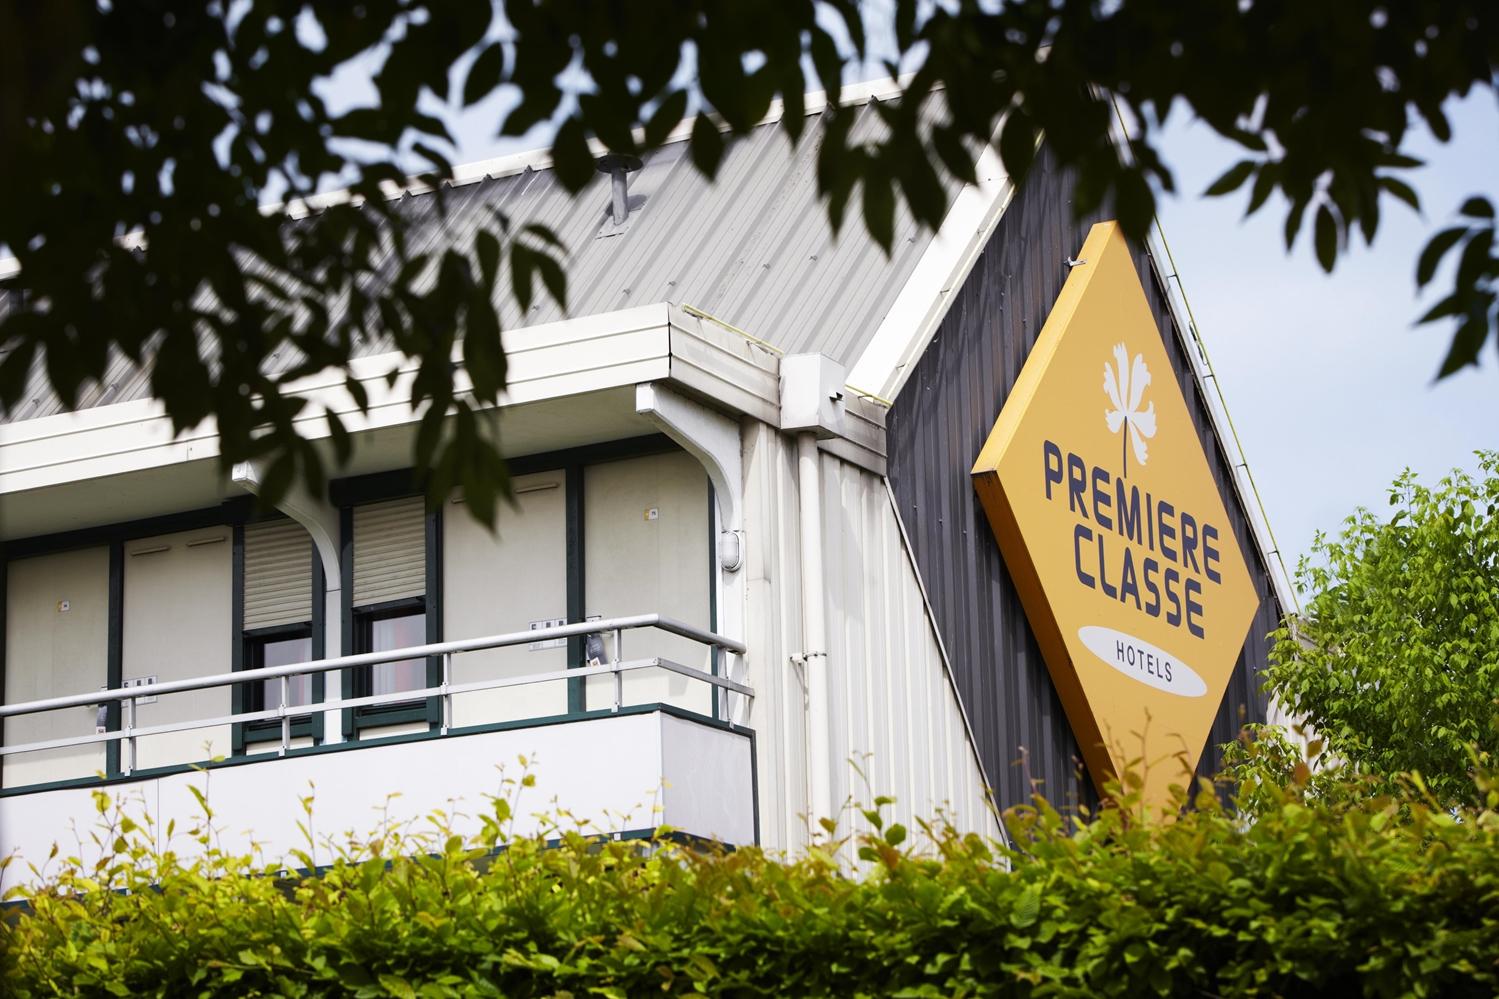 PREMIERE CLASSE SAINT NAZAIRE - Trignac